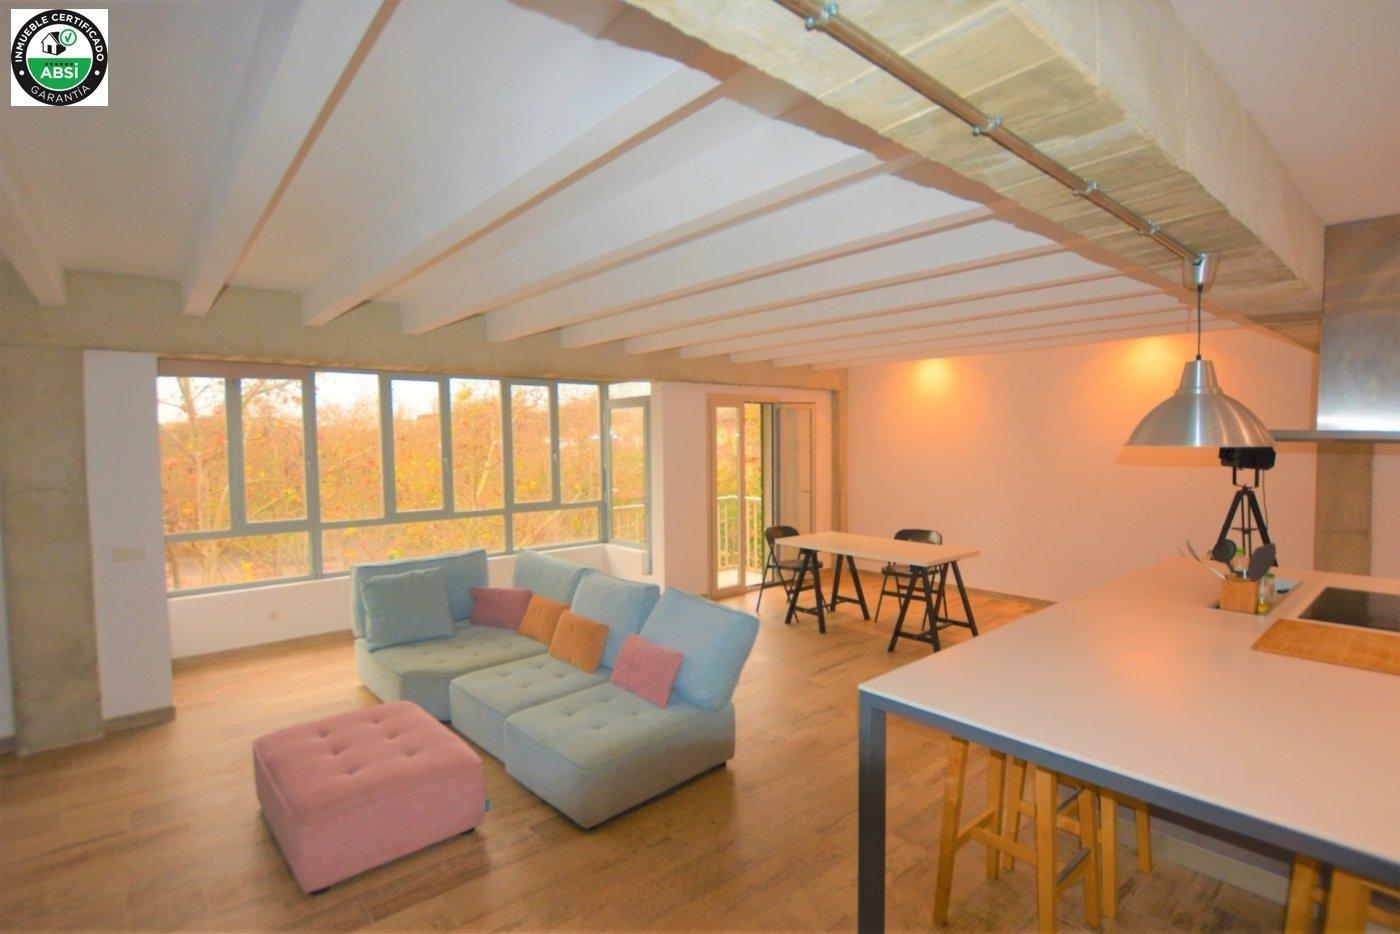 Increíble piso recientemente reformado. - imagenInmueble1